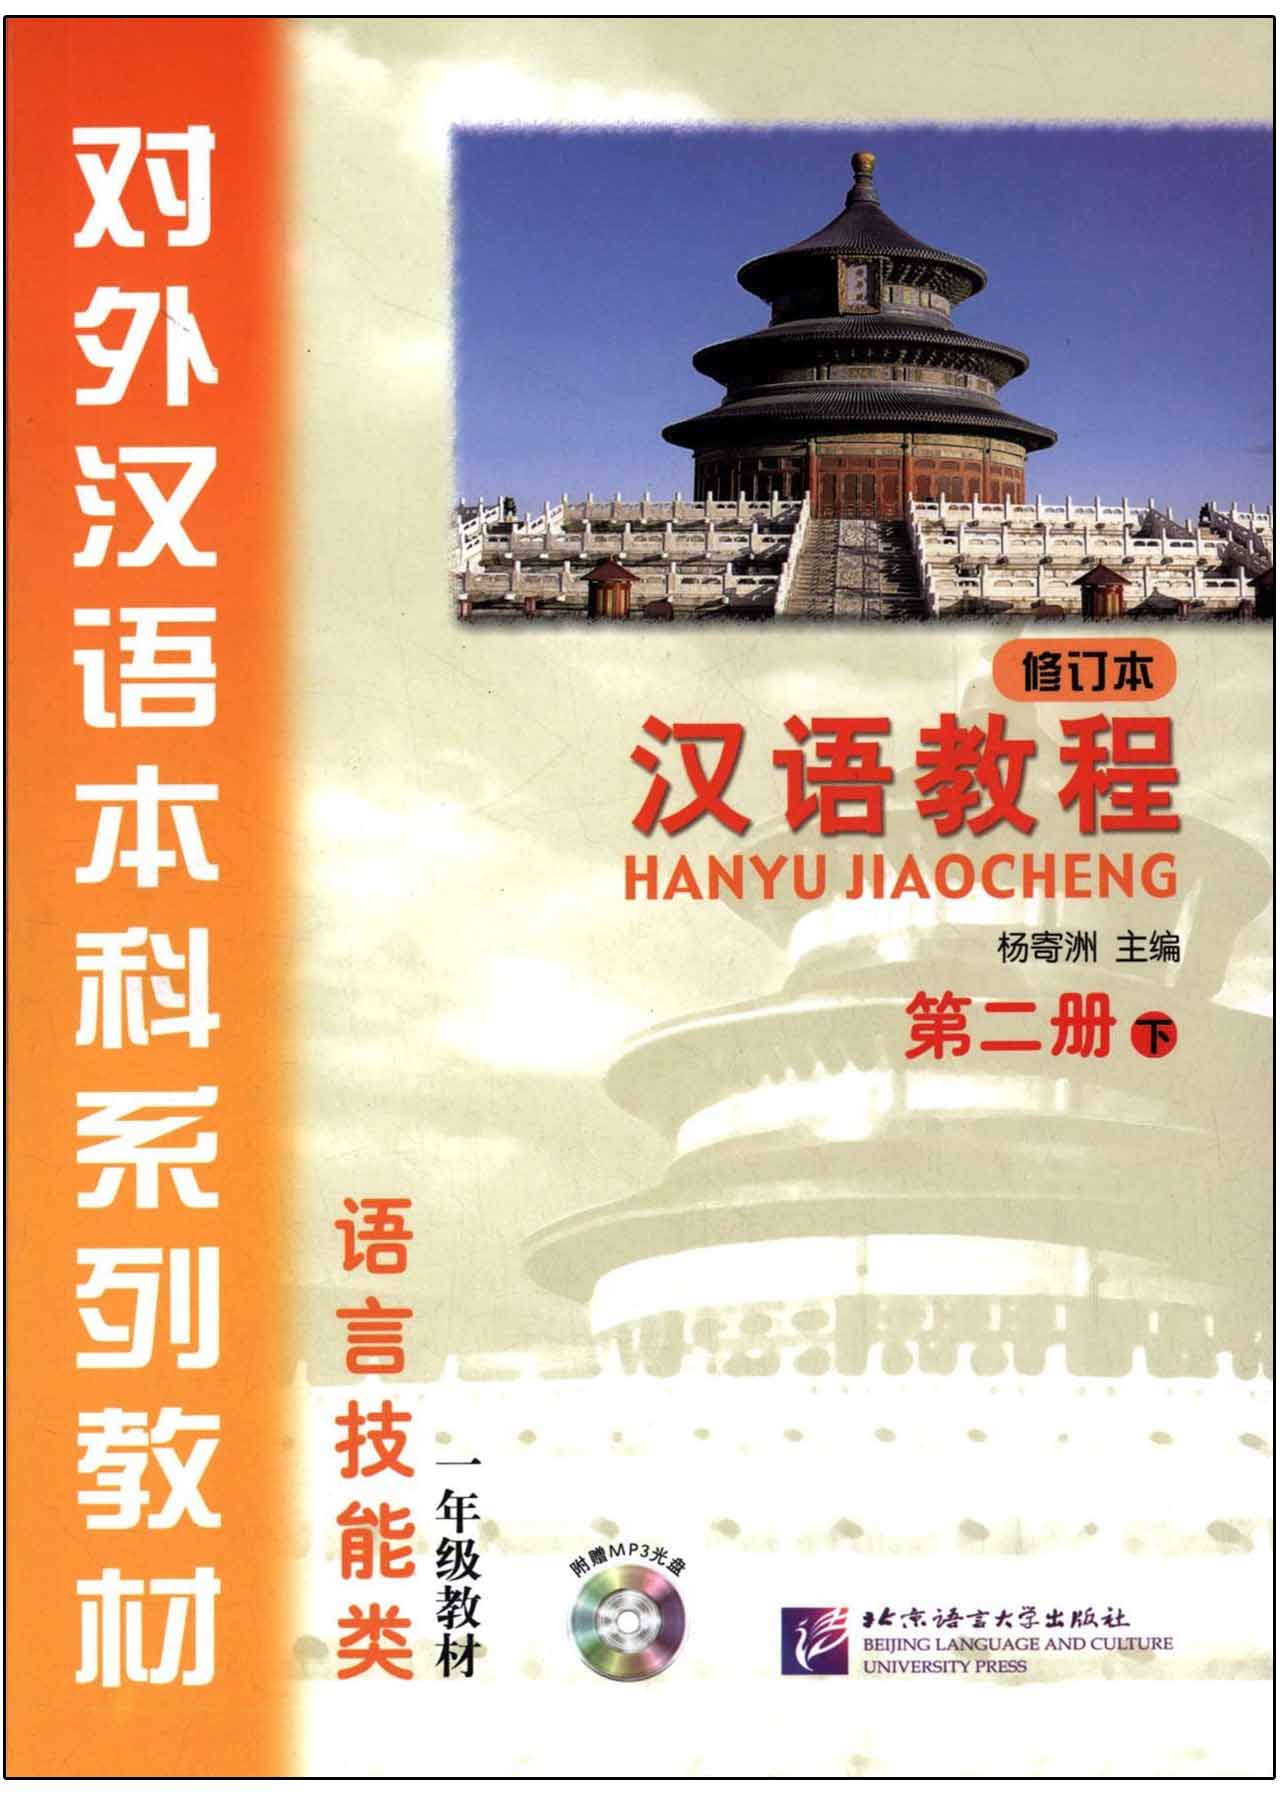 แบบเรียนภาษาจีน Hanyu Jiaocheng 2-2 (2下) 汉语教程(修订本)第2册(下)(附MP3光盘1张)